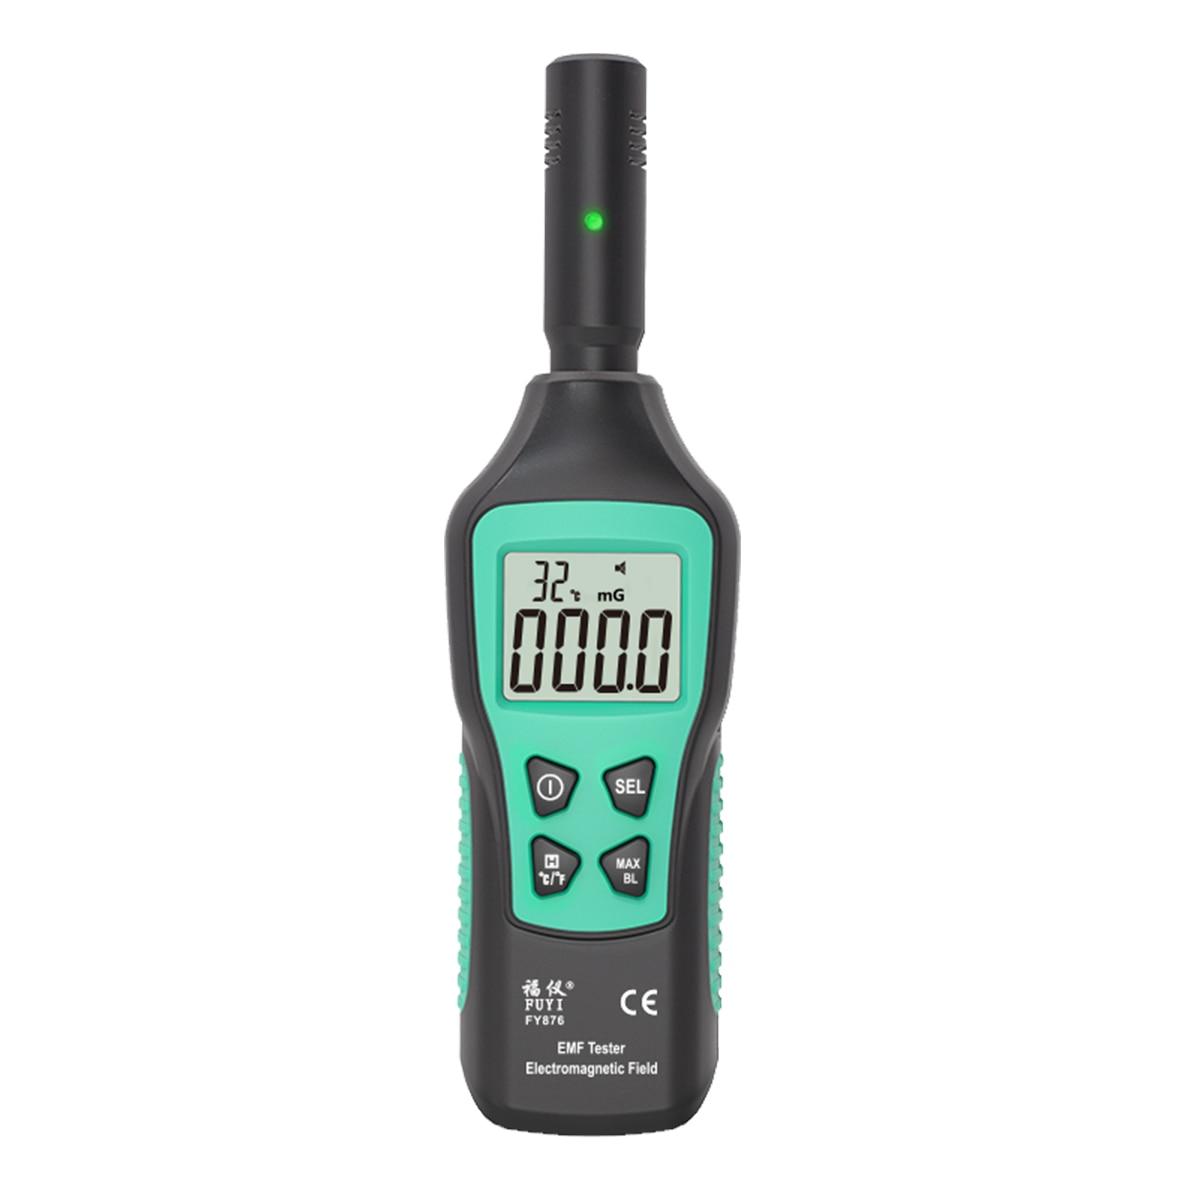 FUYI-كاشف الإشعاع الكهرومغناطيسي EMF ، مقياس الجرعات الإشعاعية المنزلي المحمول